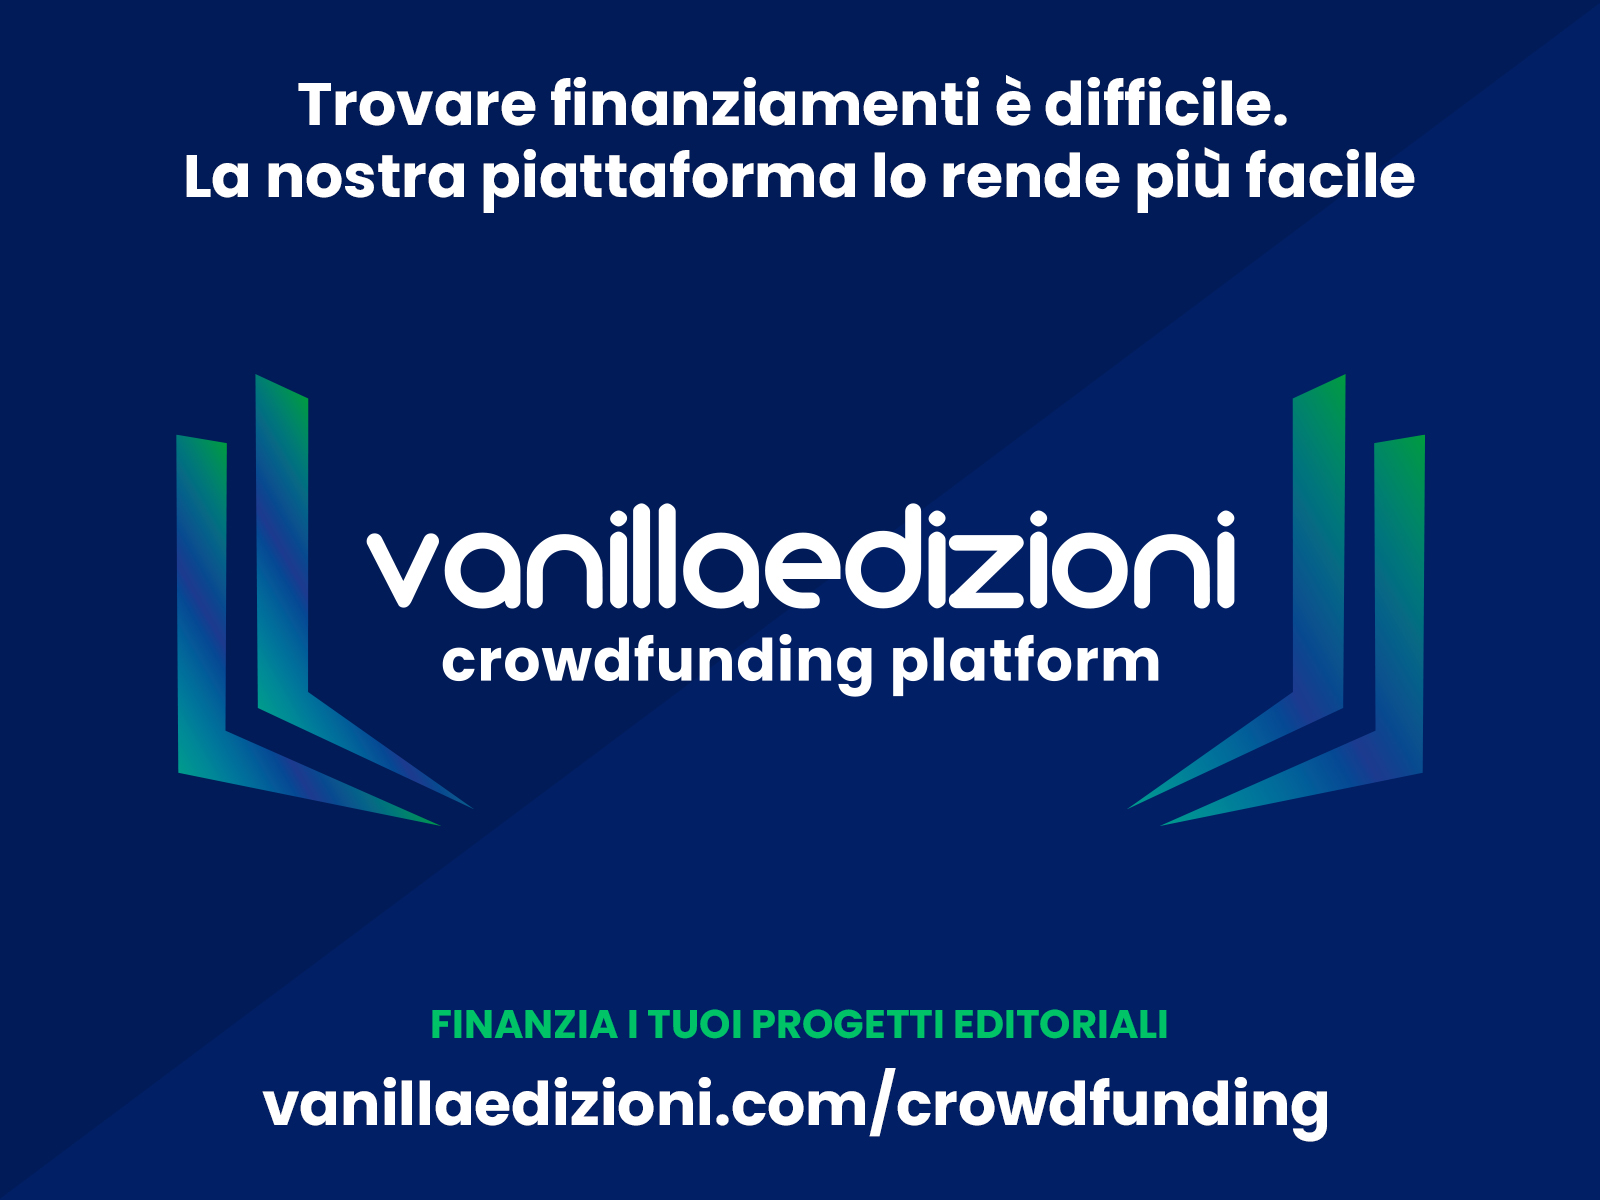 Vanillaedizioni lancia Crowdfunding Platform, uno strumento per finanziare i propri progetti editoriali